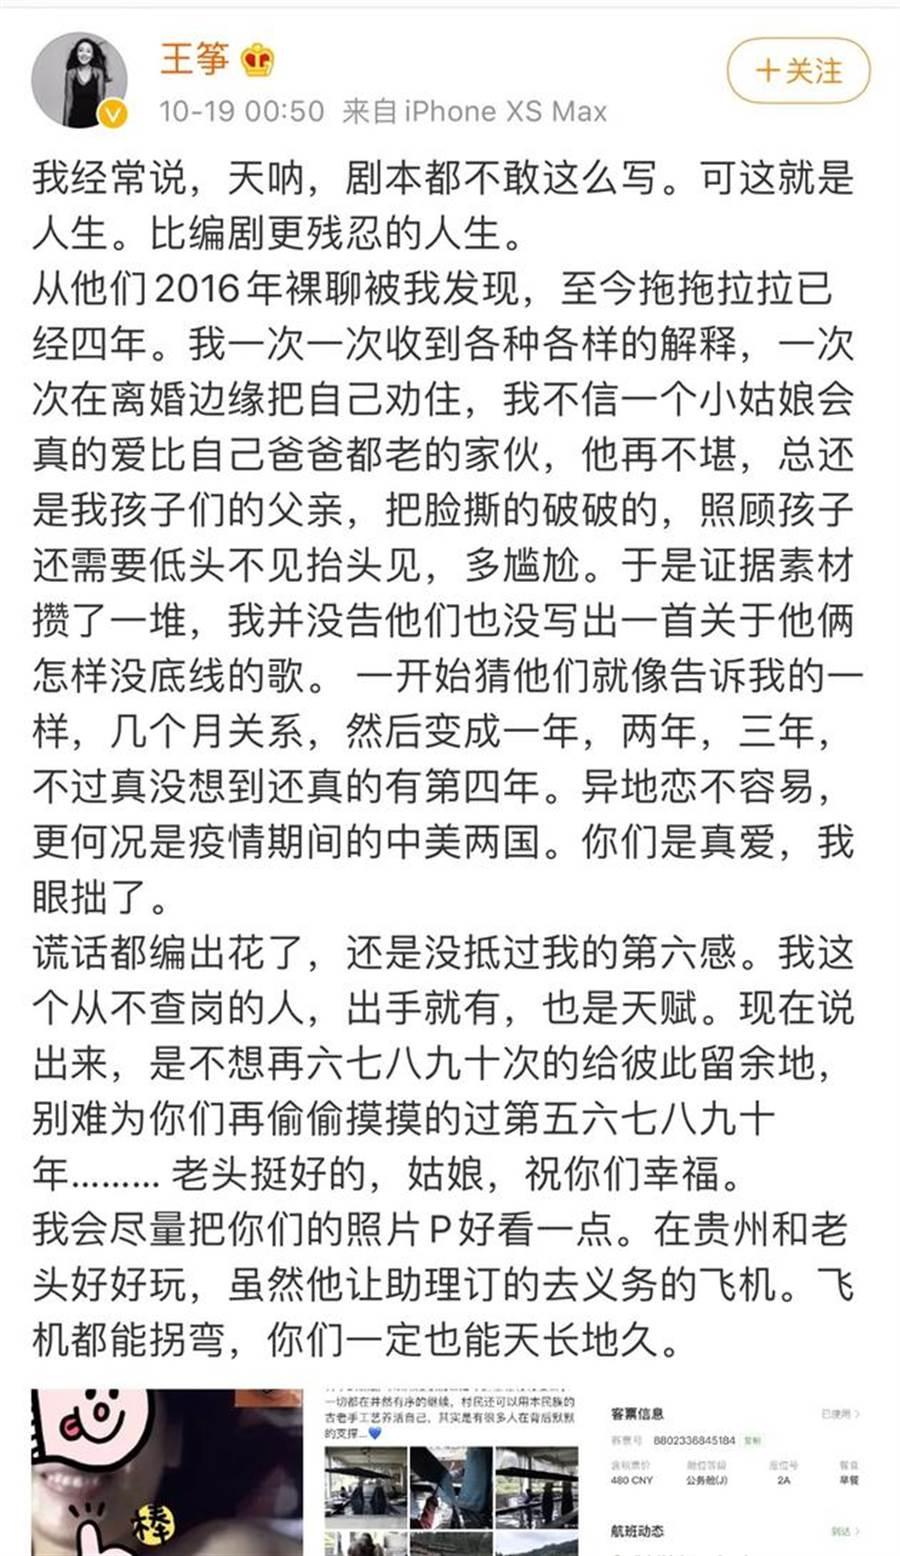 王箏不忍了,公開尪外遇。(圖/翻攝自微博)